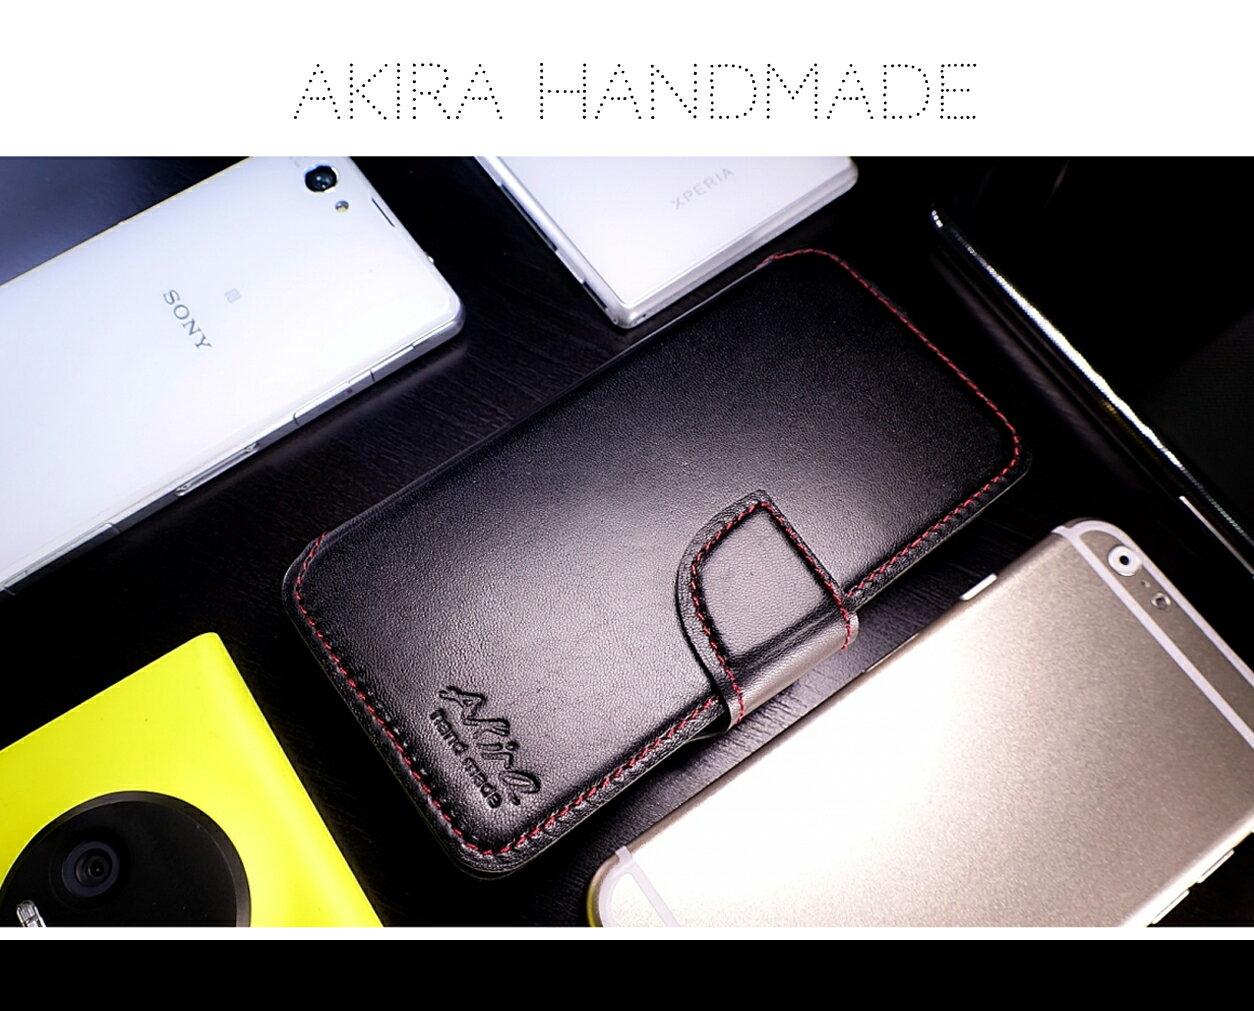 [HTC]Akira手工真皮皮套 [新款可插卡]台灣獨家特別版[D820,D826,A9,M9,M9+,EYE,D620] 3